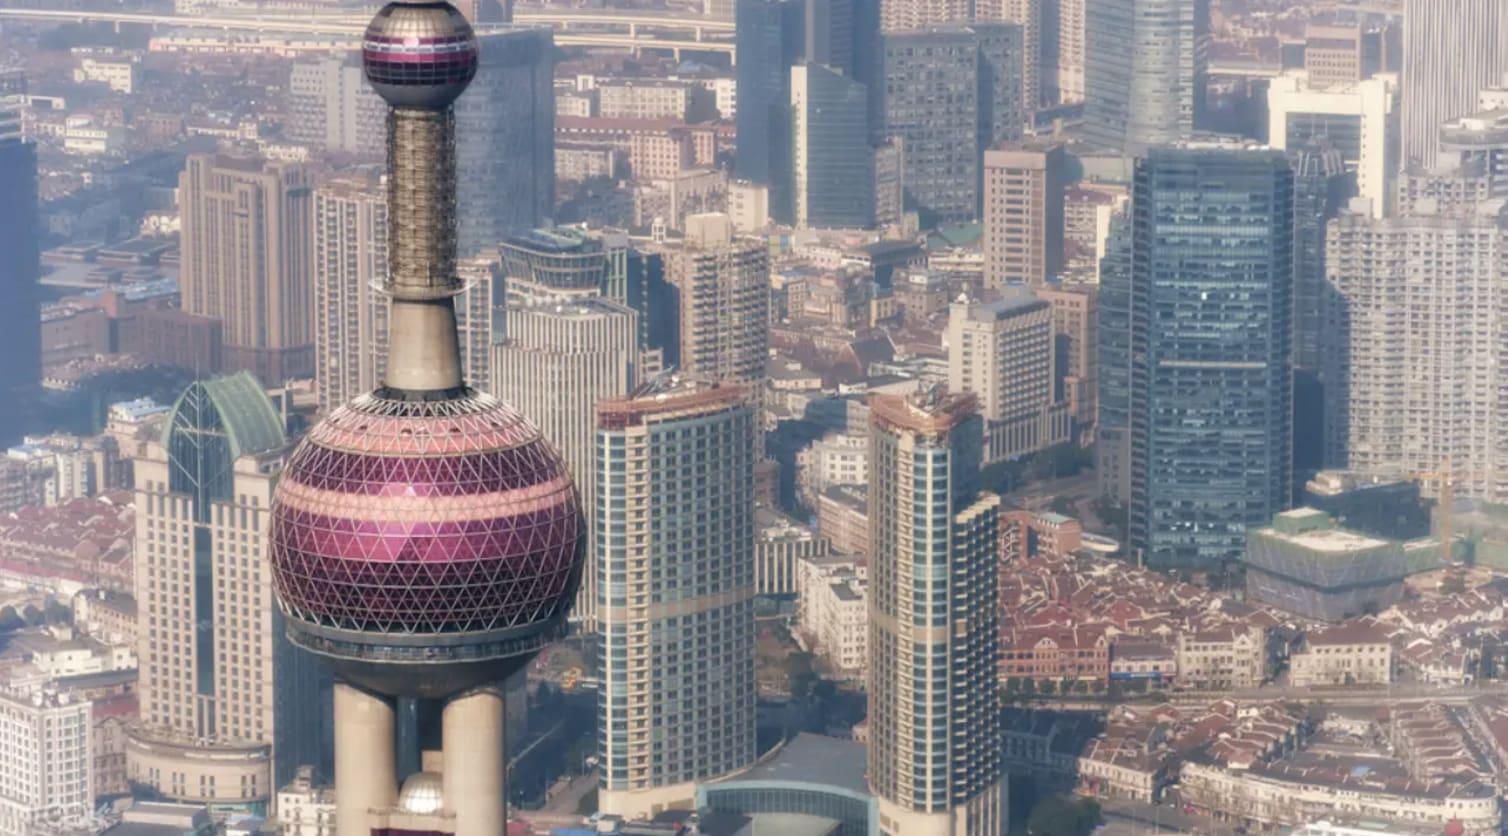 Kinh nghiệm du lịch 3N3Đ tự túc khám phá Thượng Hải, Trung Quốc 5